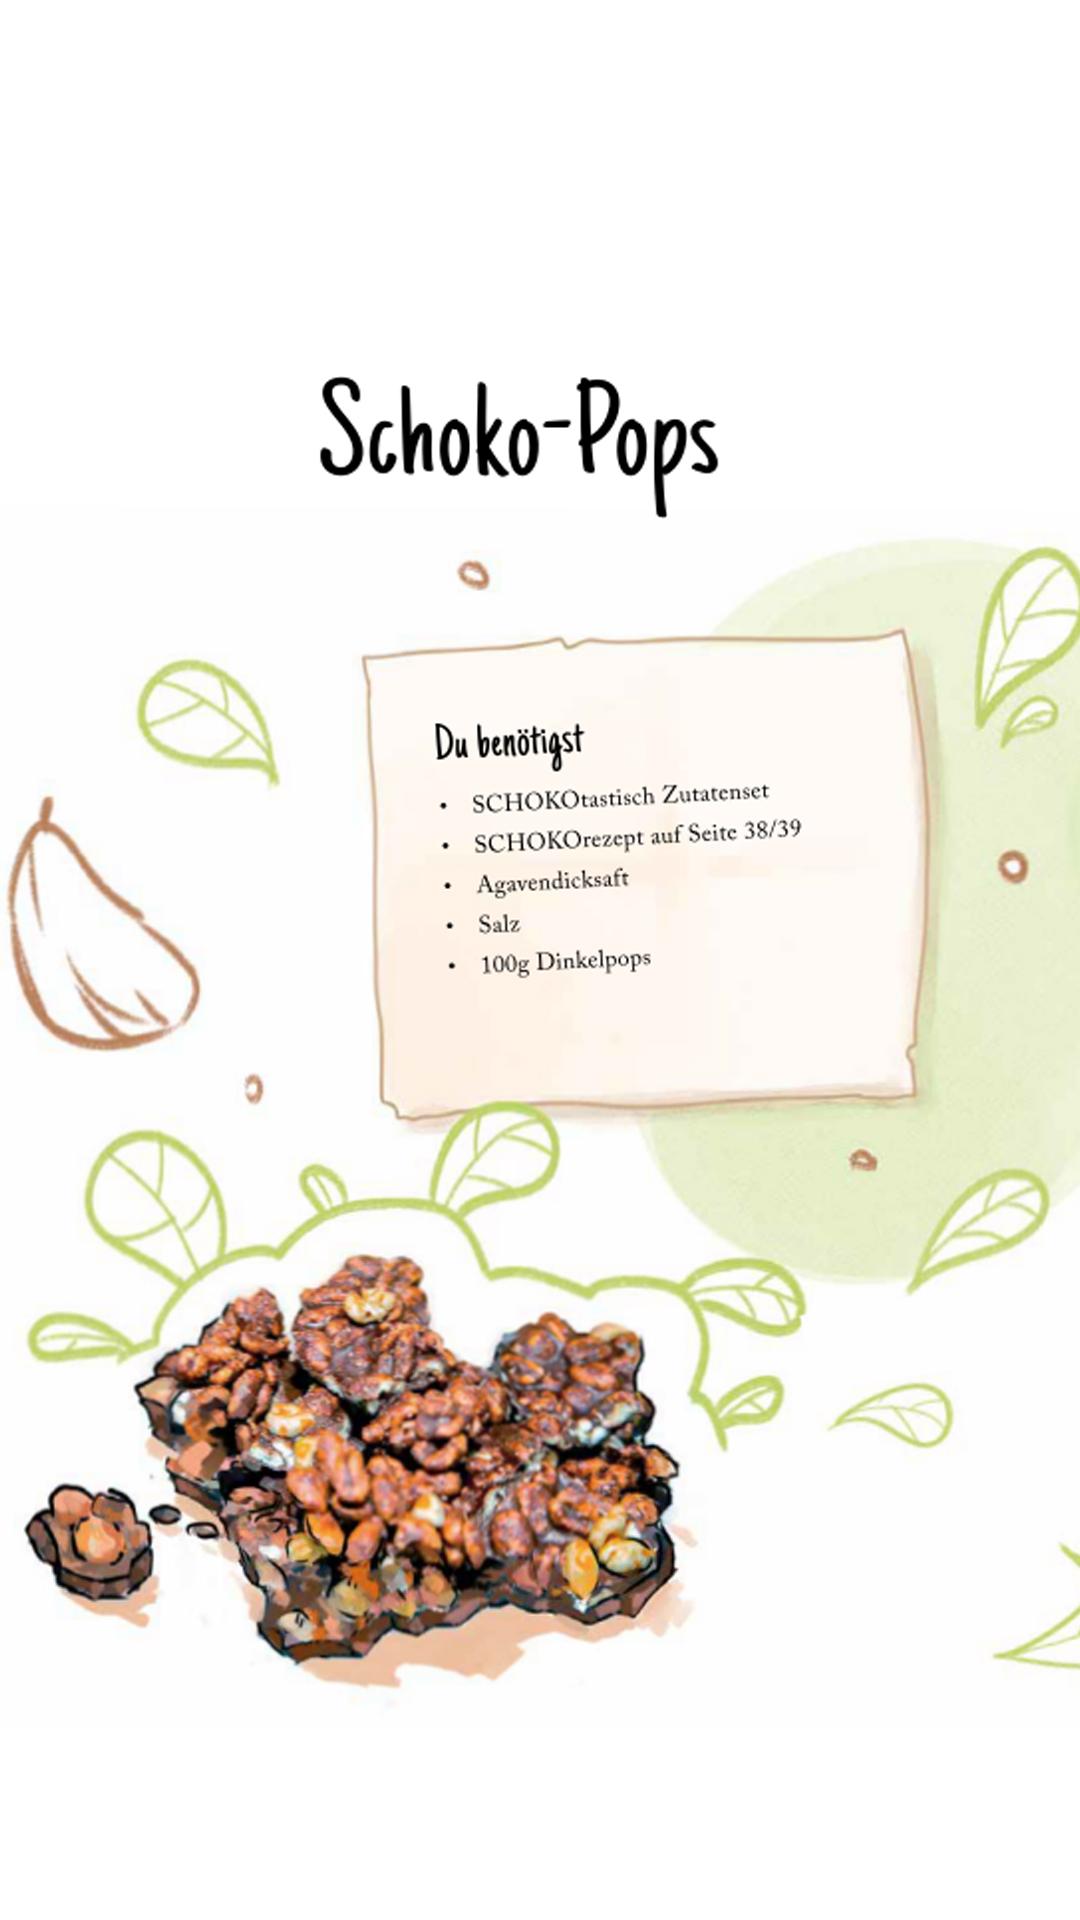 Schoko-Pops